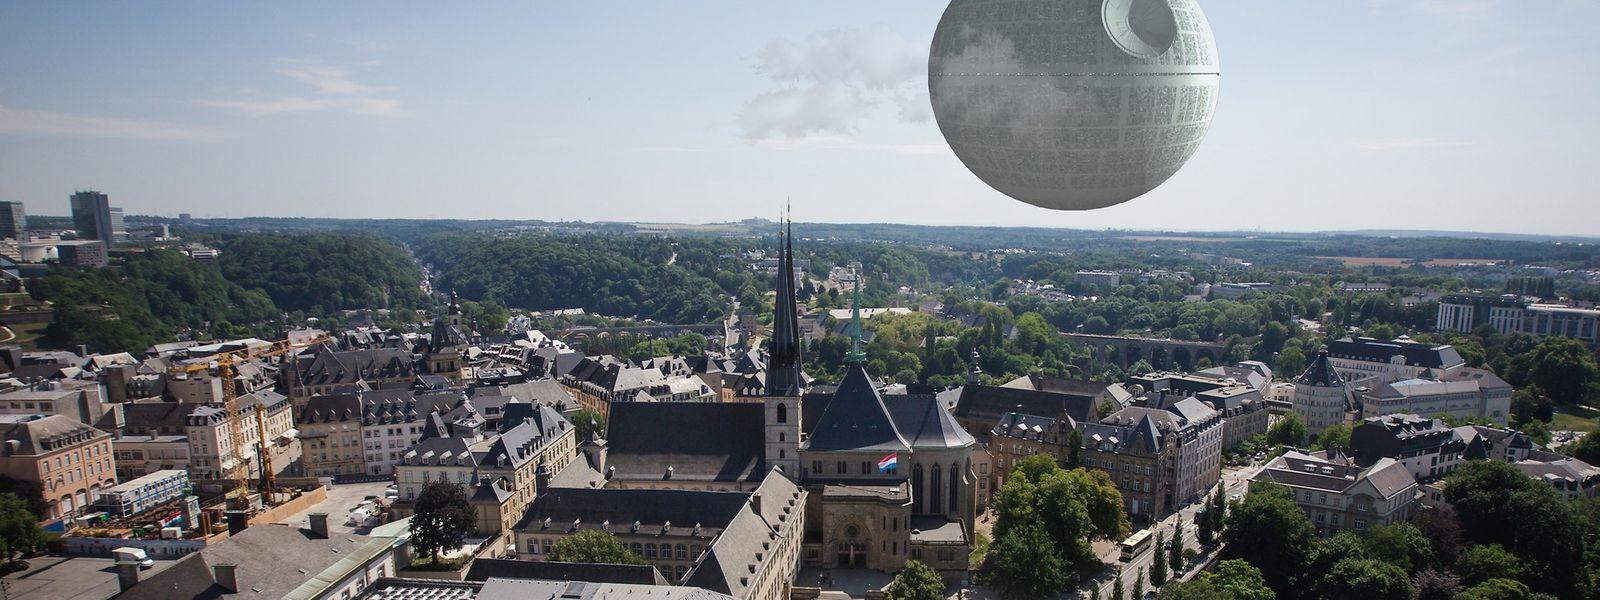 So würde wahrscheinlich Luxemburg-Stadt in vielen Jahren aussehen, wenn die Petition Nr. 952 ernst genommen worden wäre.